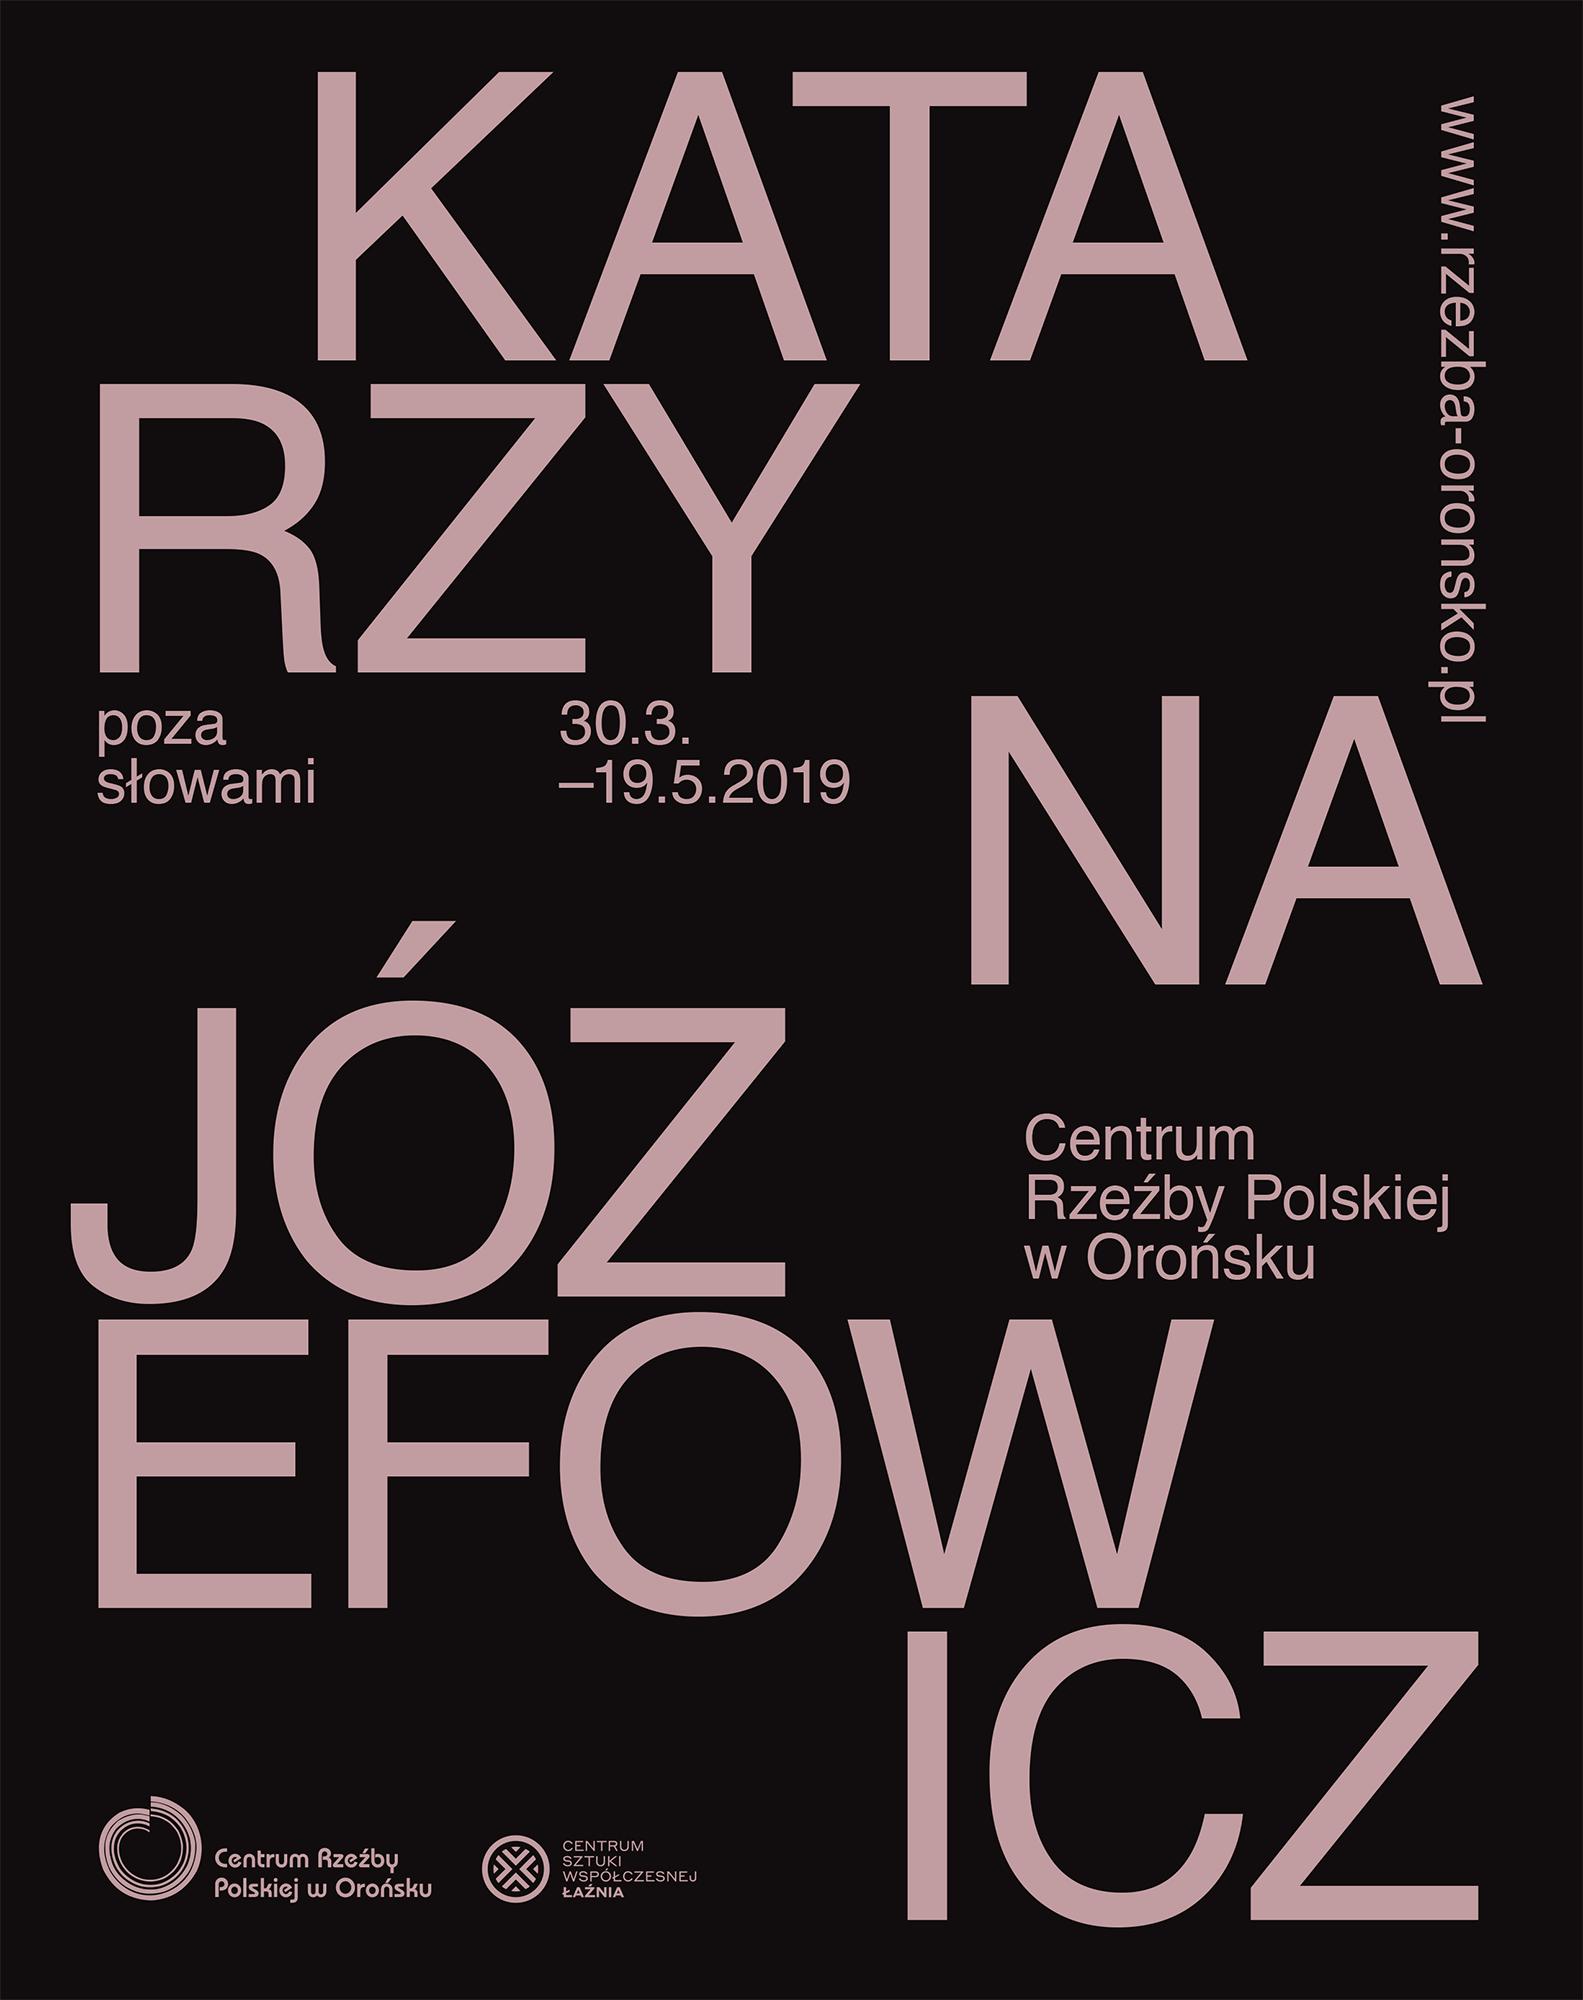 Plakat wystawy: Poza słowami – Katarzyna Józefowicz (źródło: materiały prasowe)